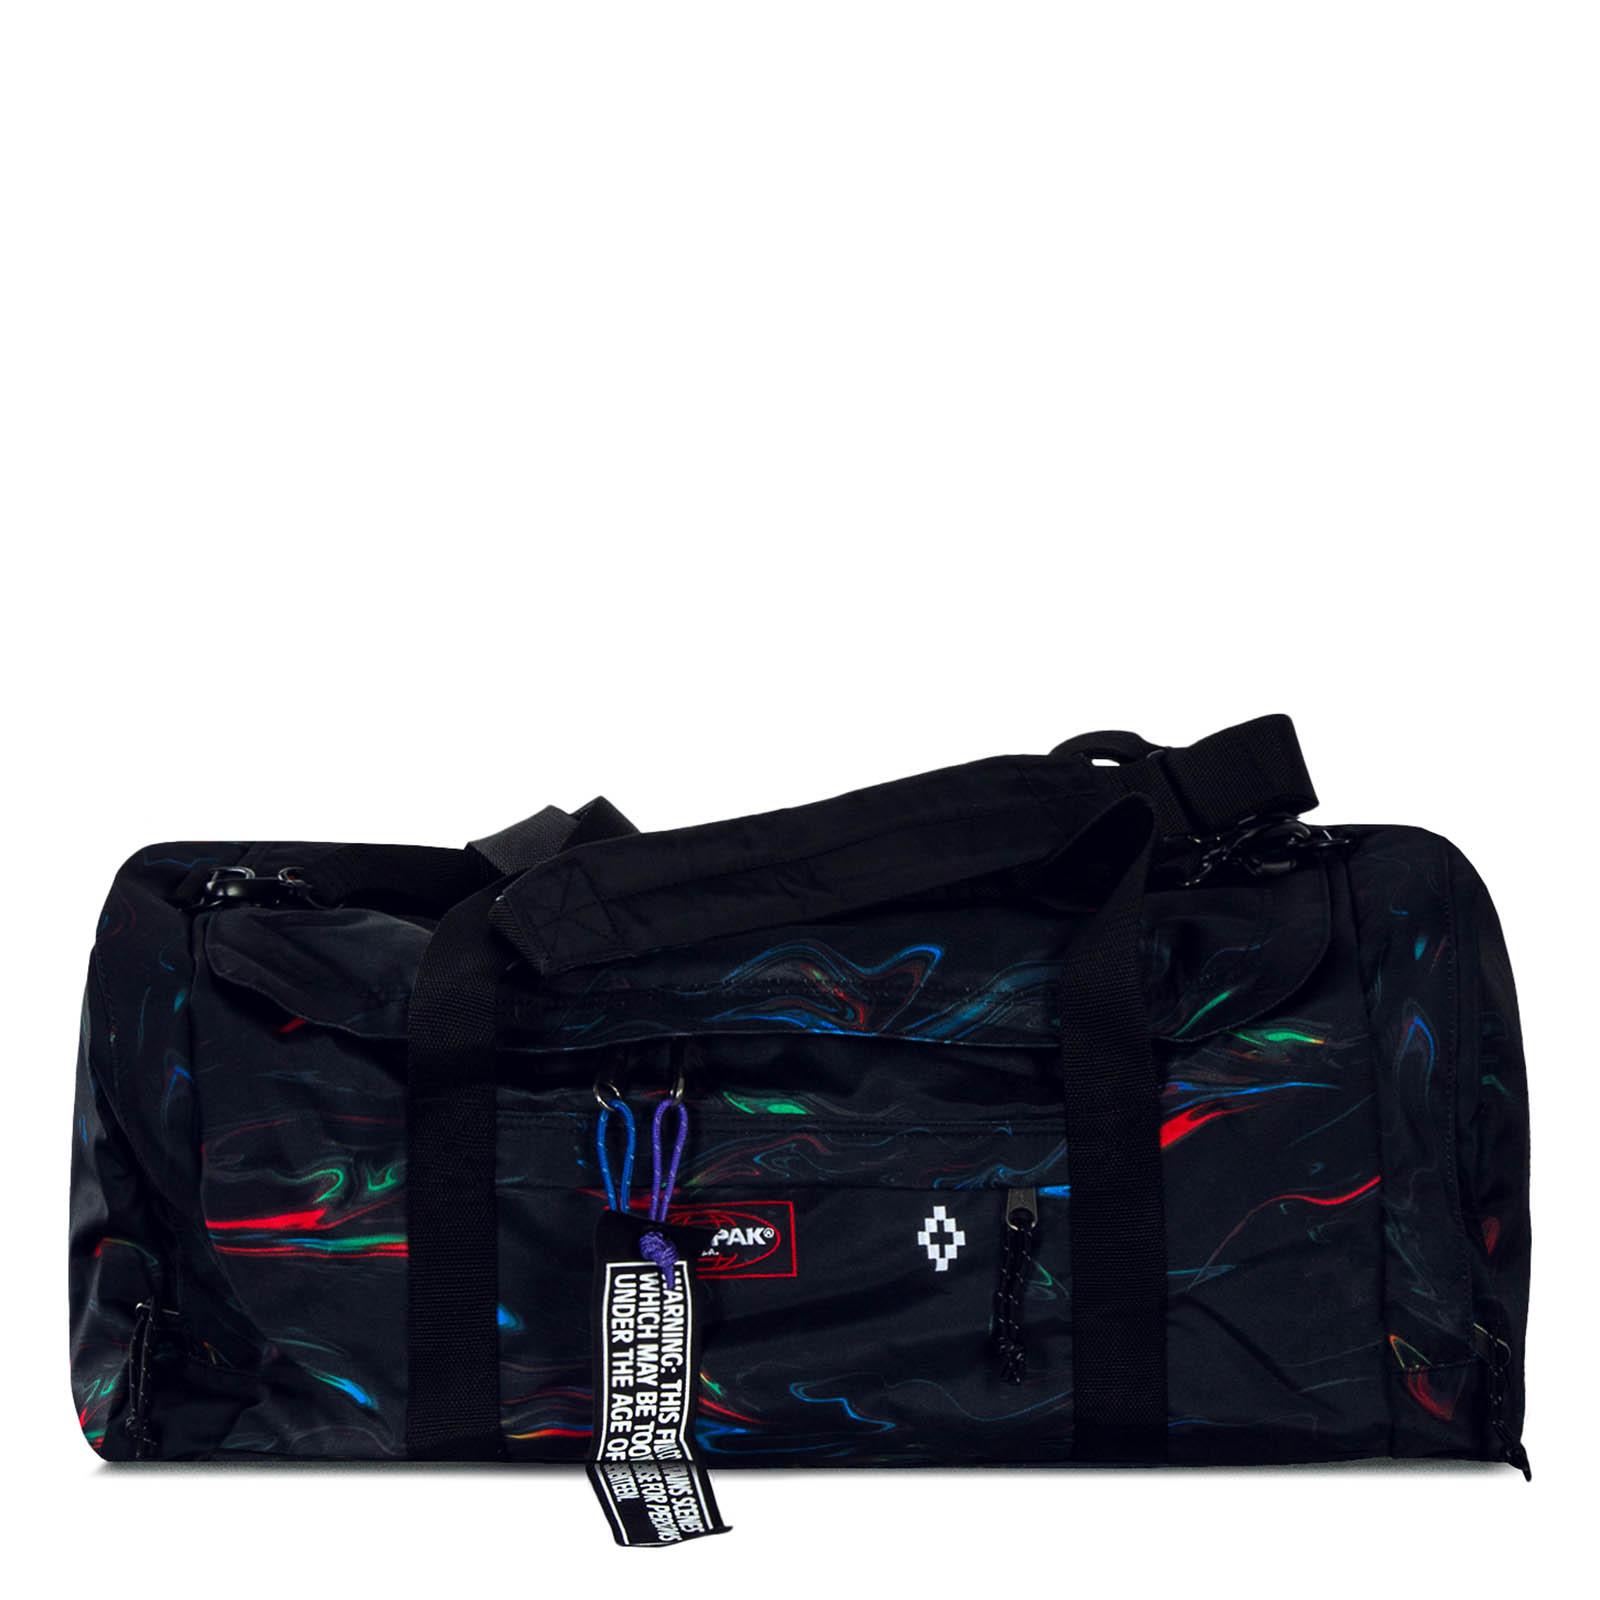 8ead3807fca62 bunte Unisex Tasche von Eastpak online kaufen